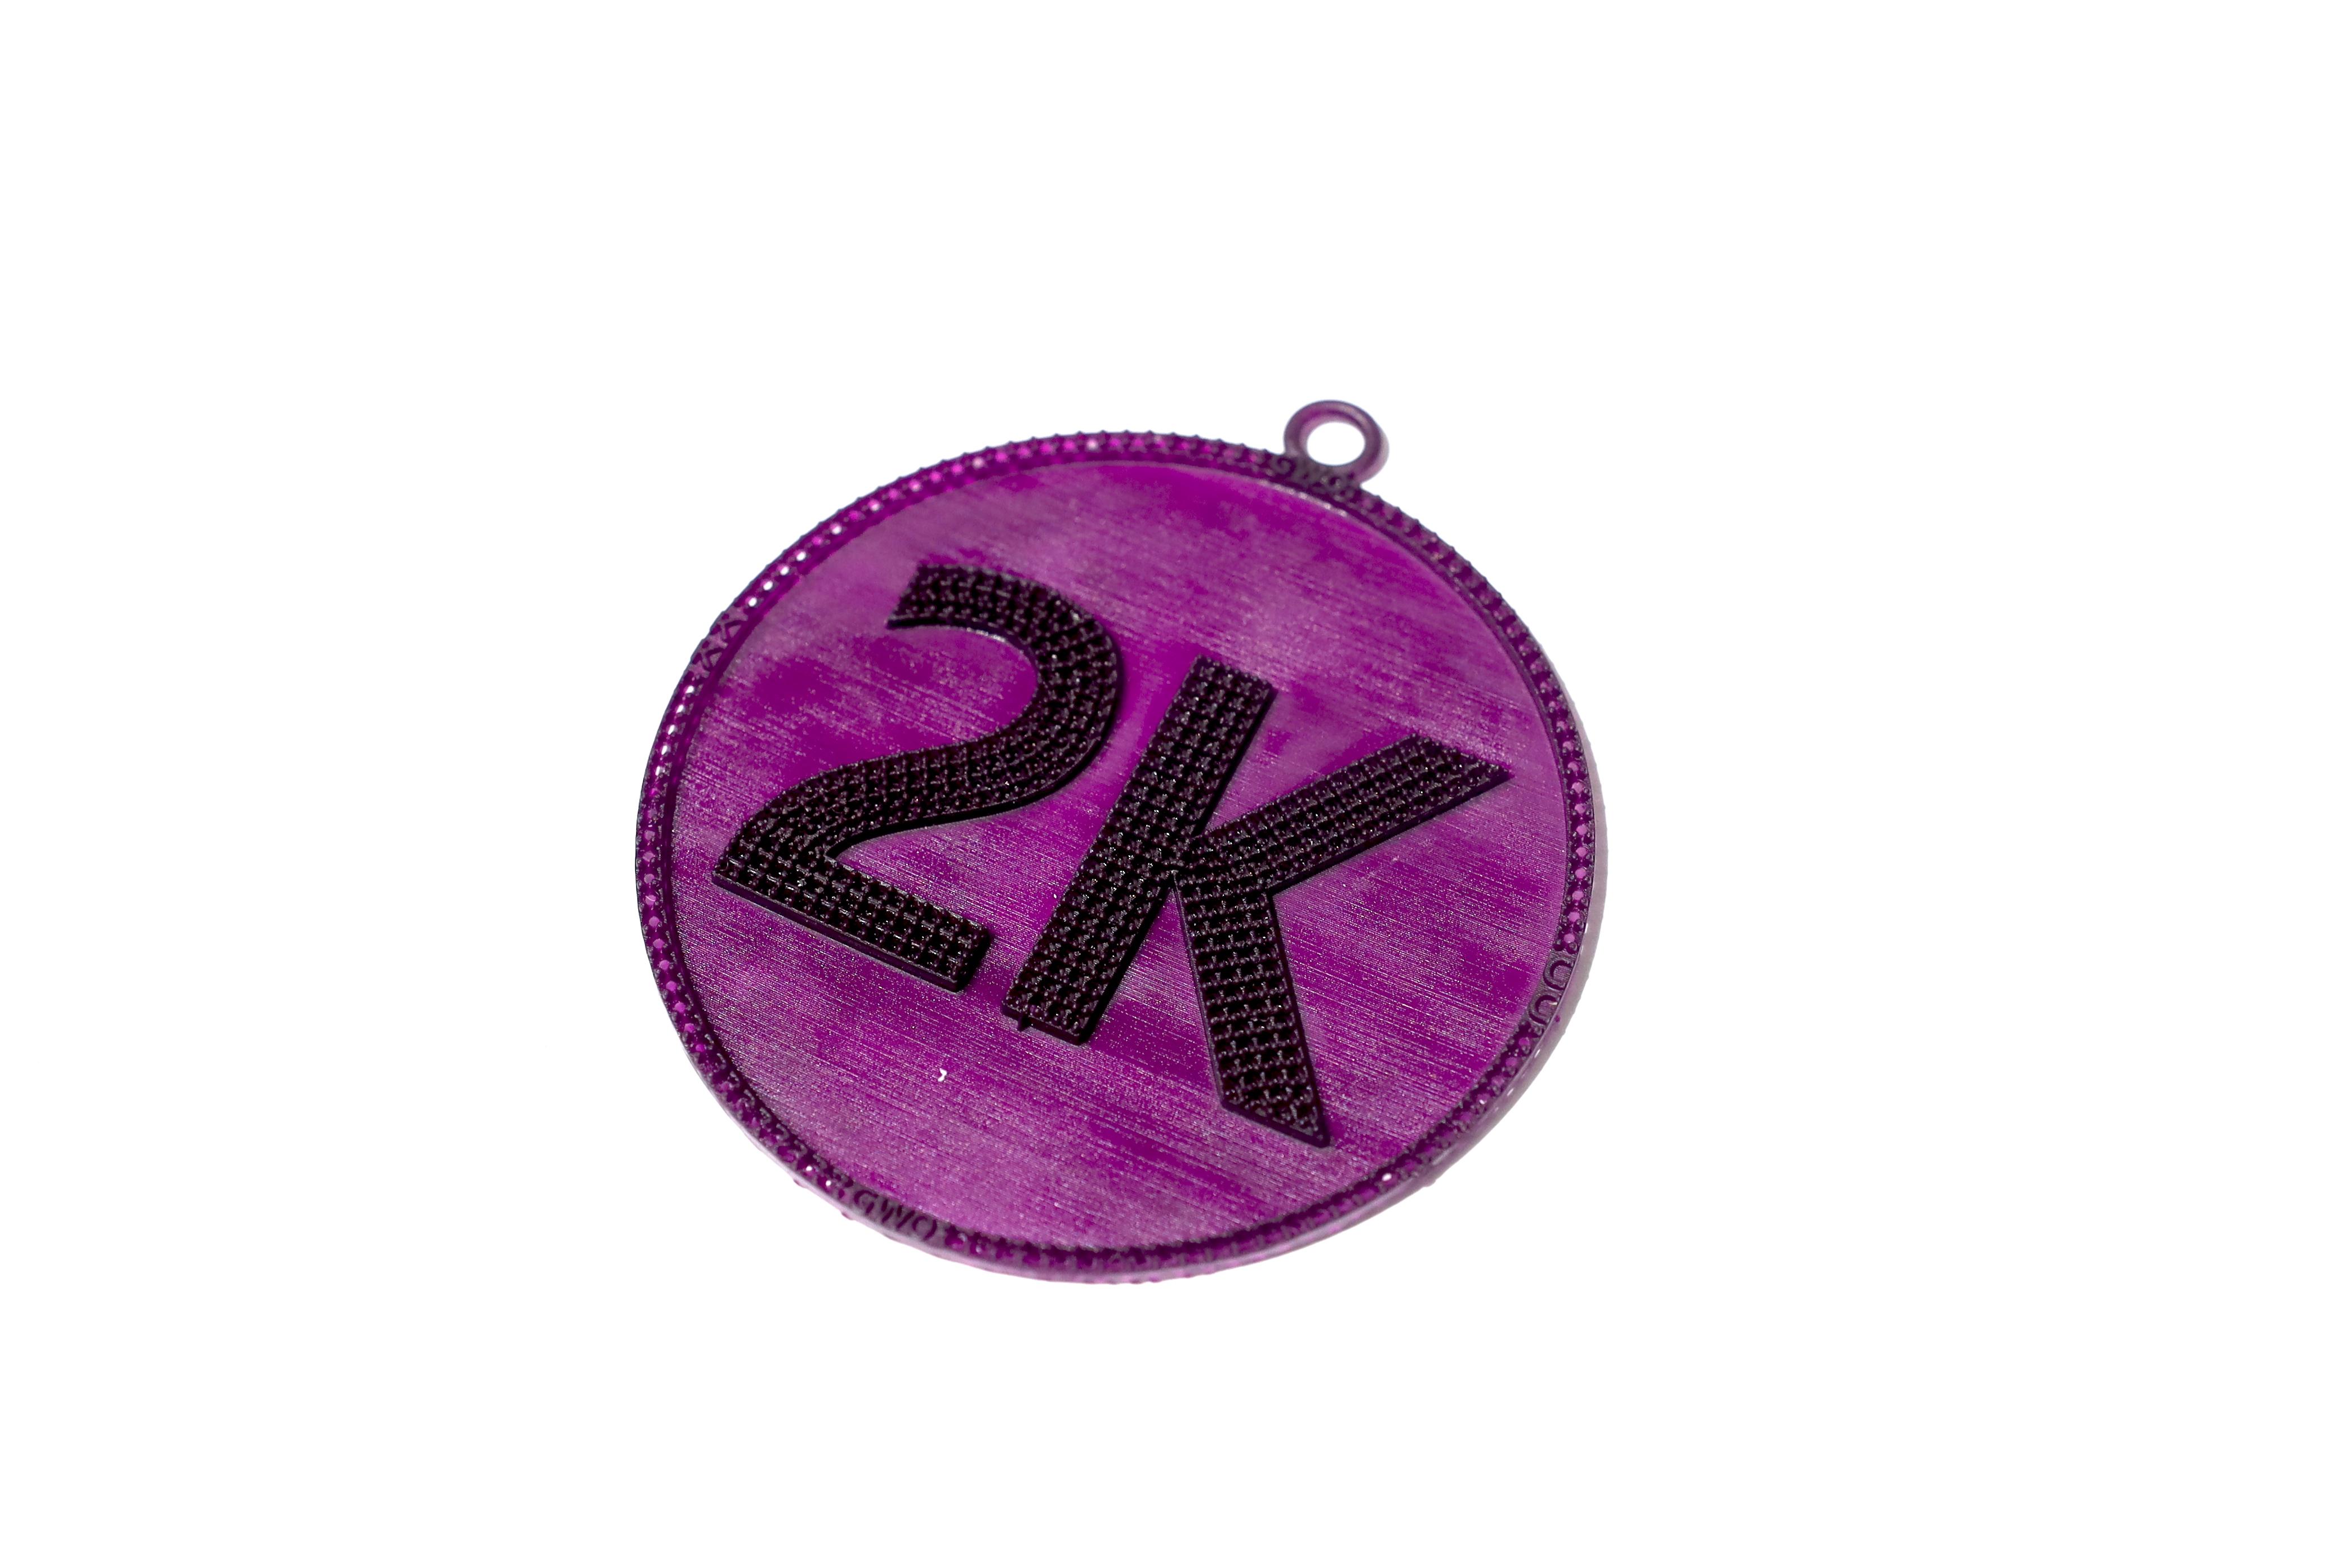 3D Printing Materials - Castable Wax Resin - Makelab - 2K Model